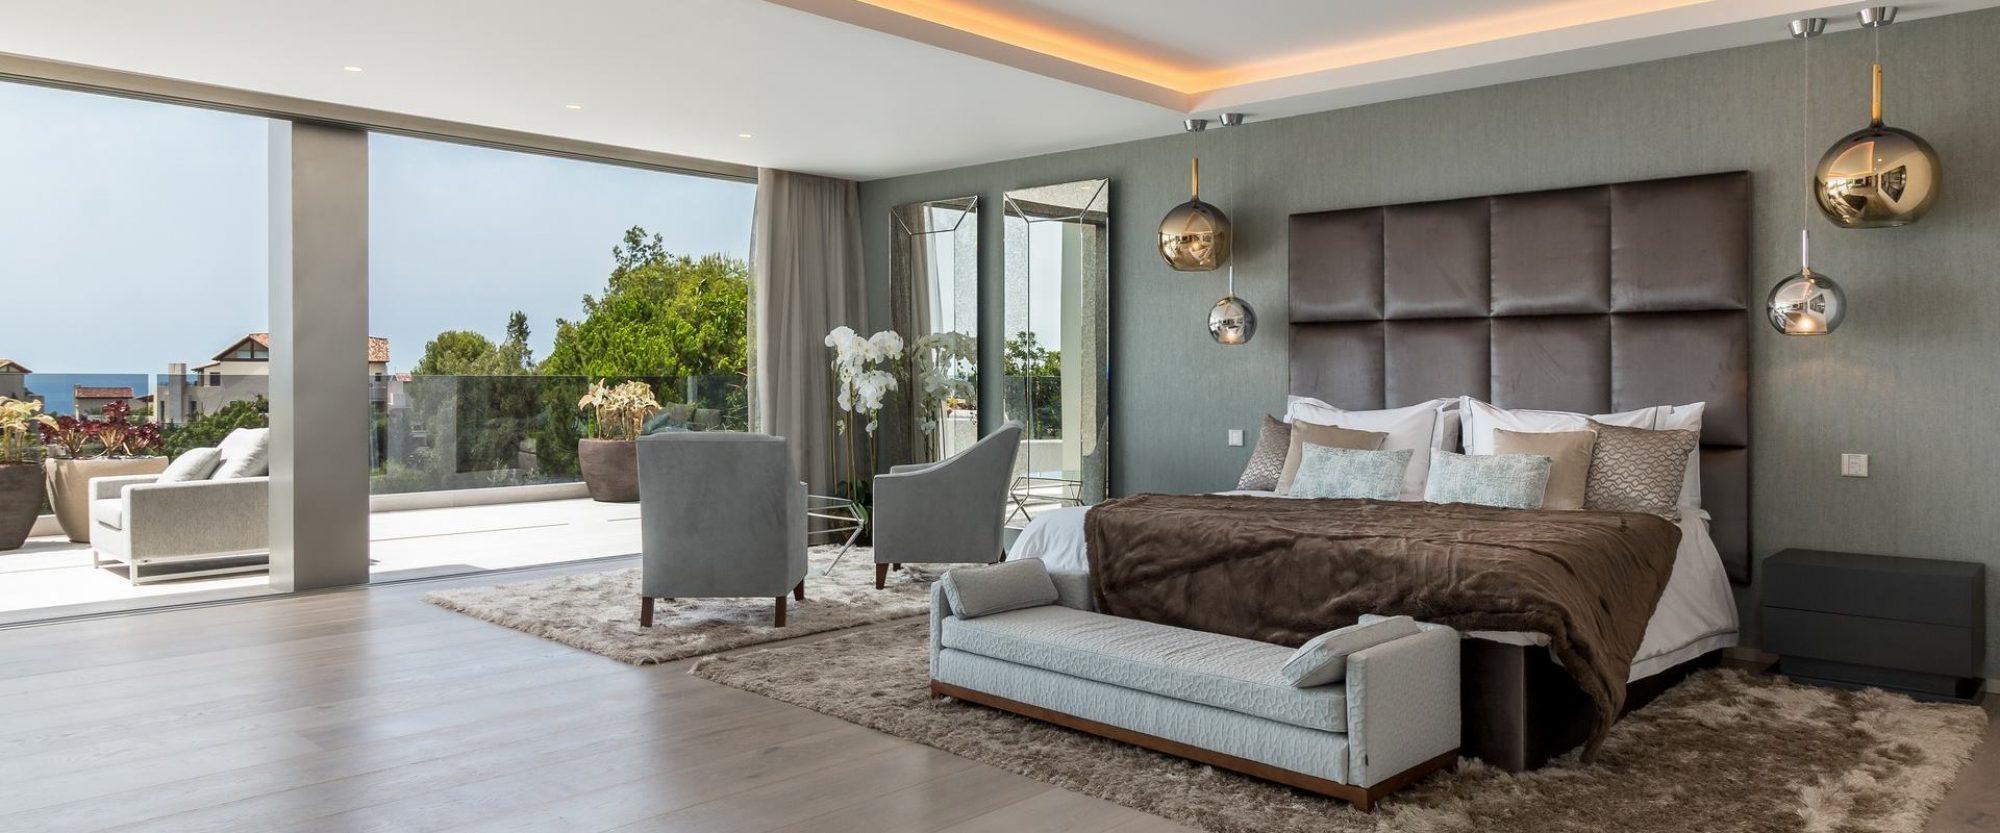 65 m2 designer master suite